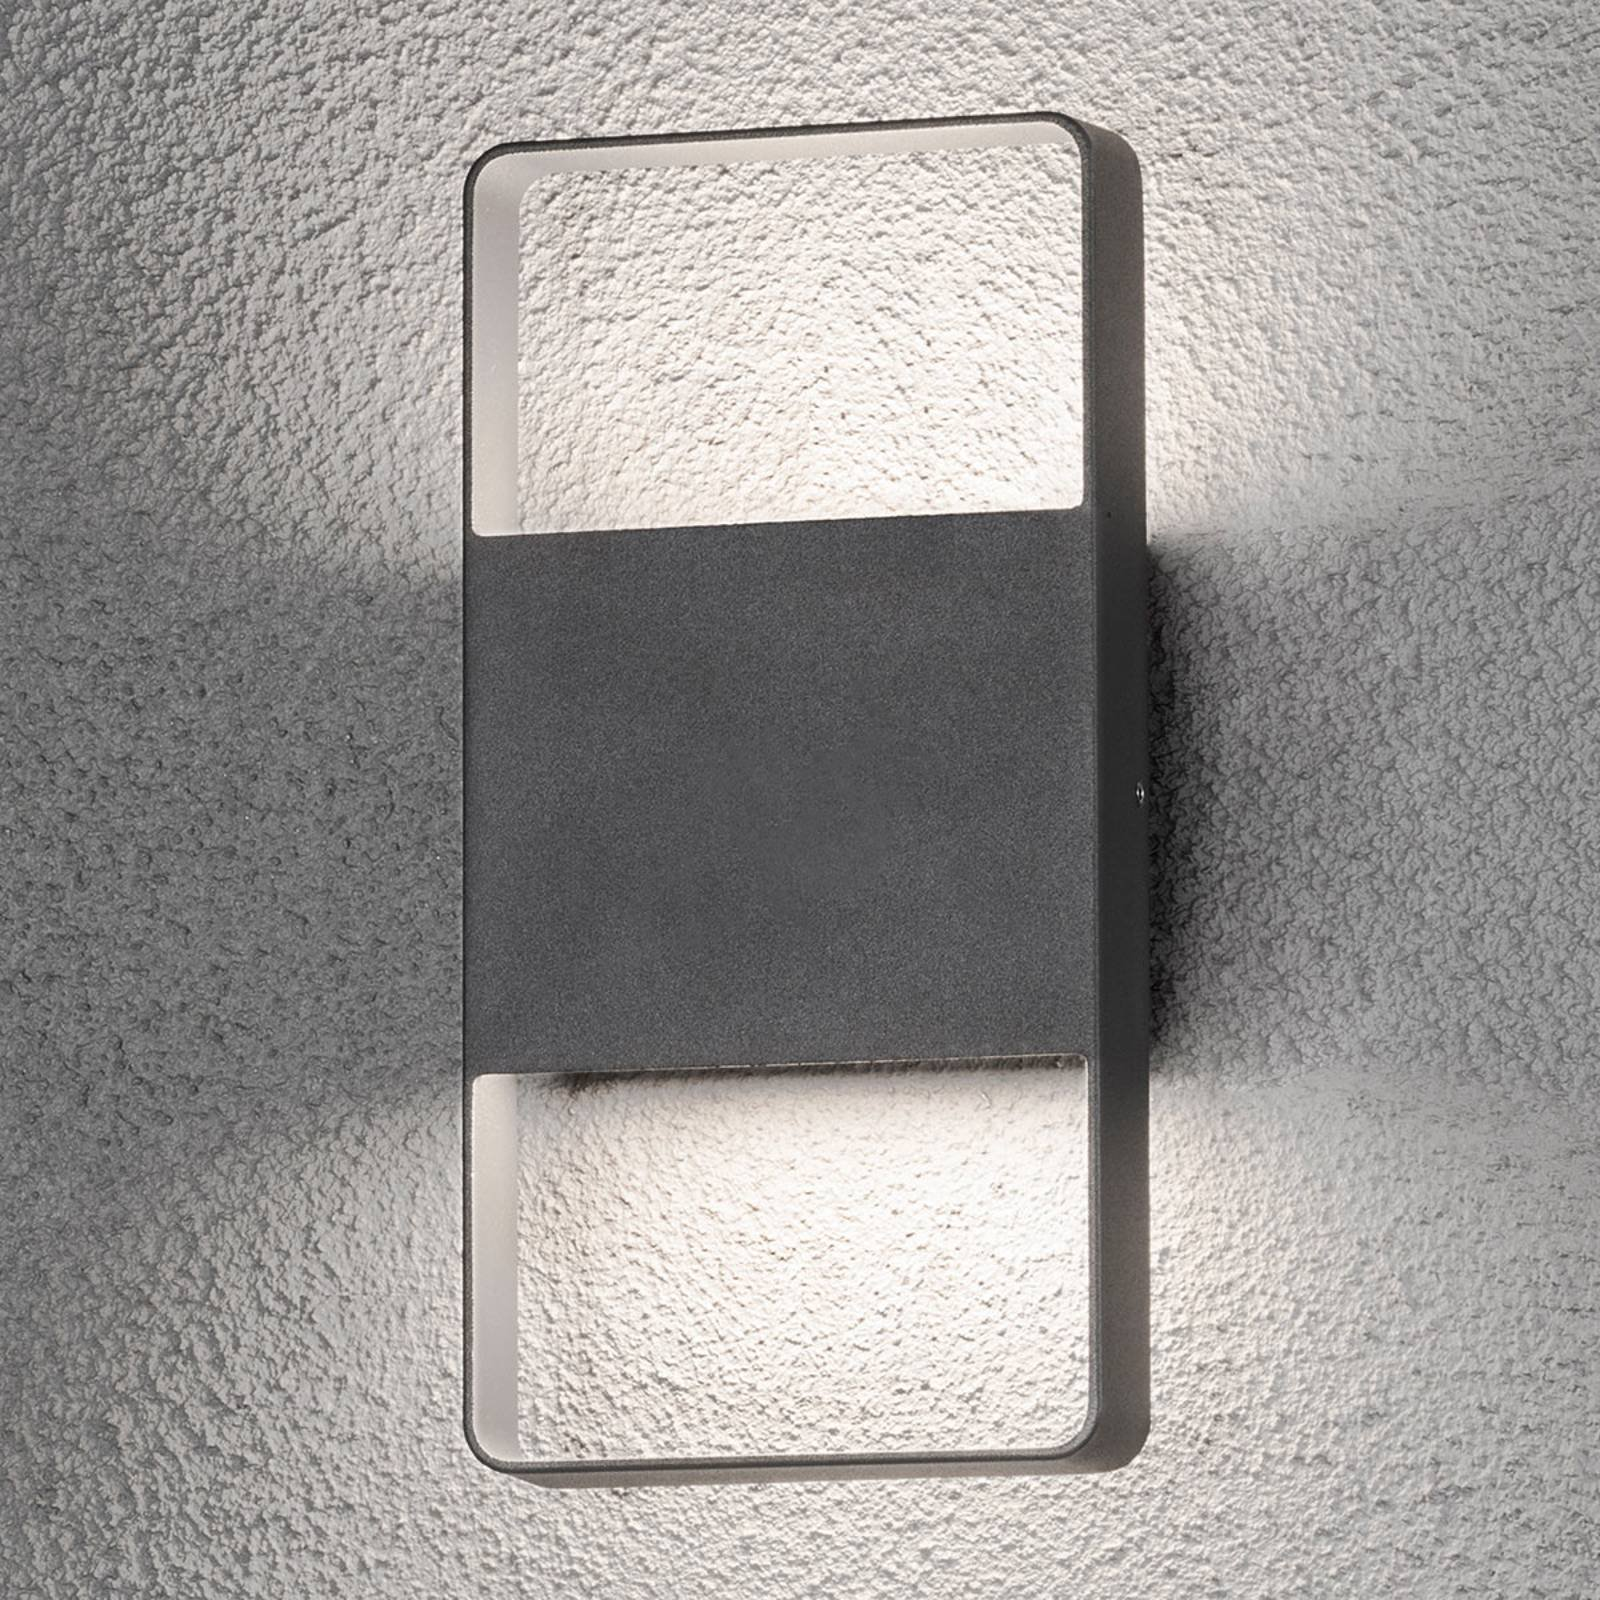 Tosidig lysende utendørs LED-vegglampe Matera